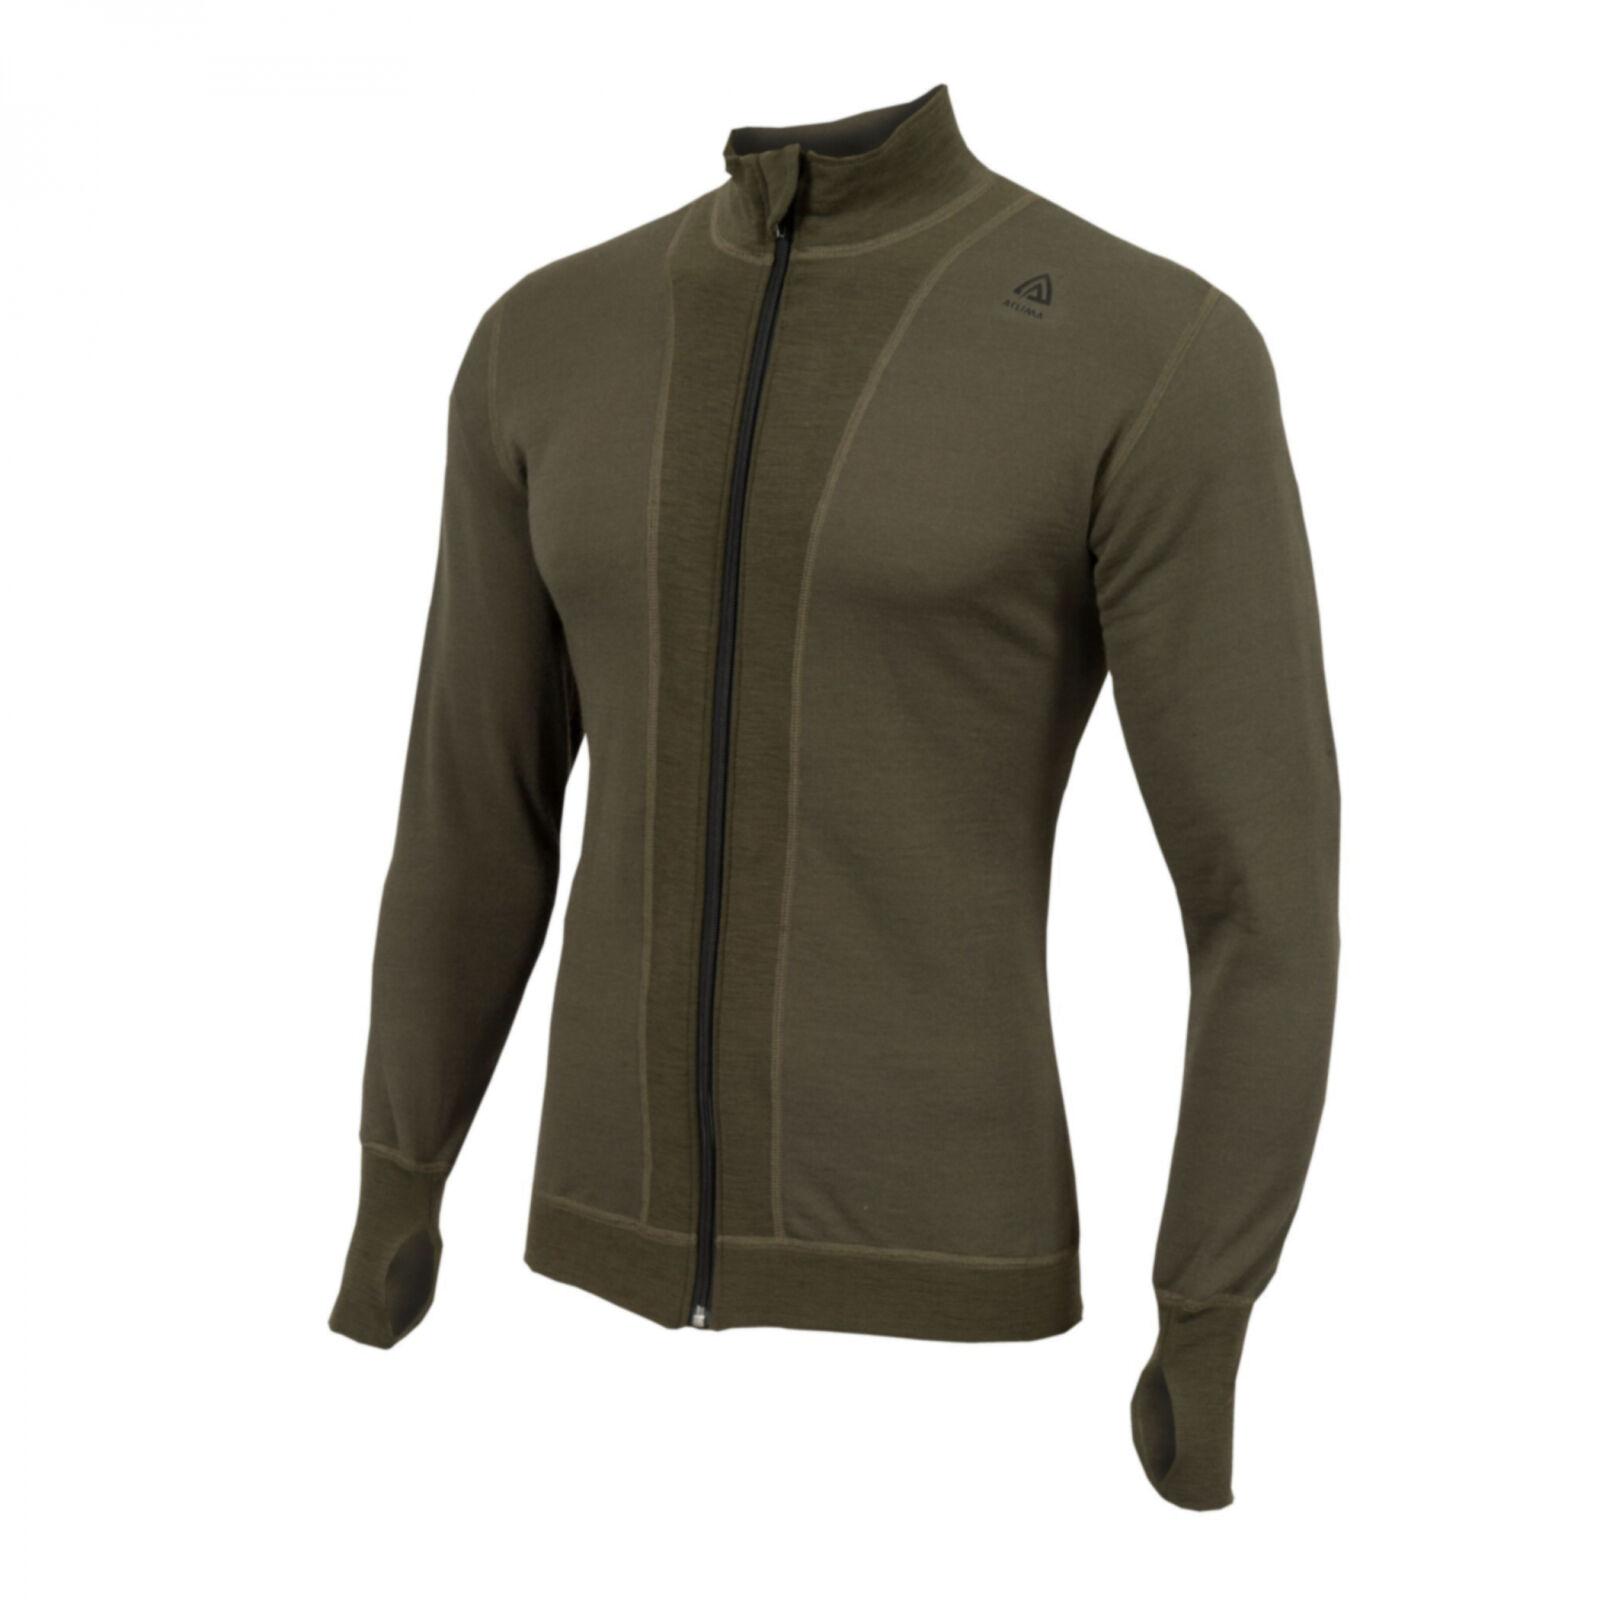 Aclima hotwool Jacket light 230g Olive